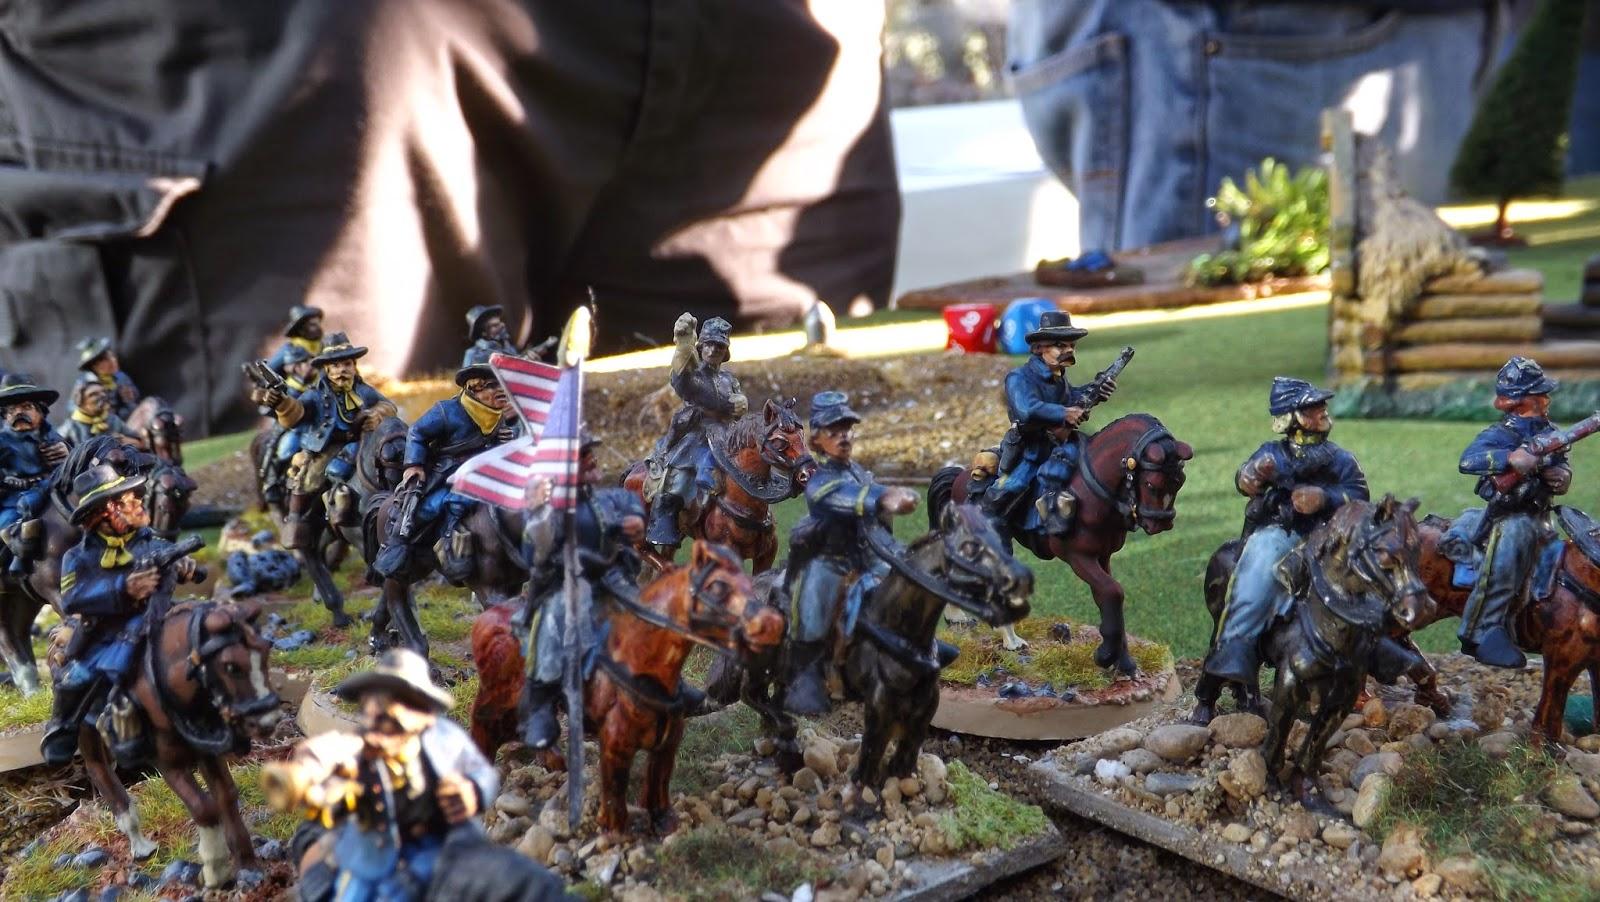 Stoneman's Raid, JJ's Wargames